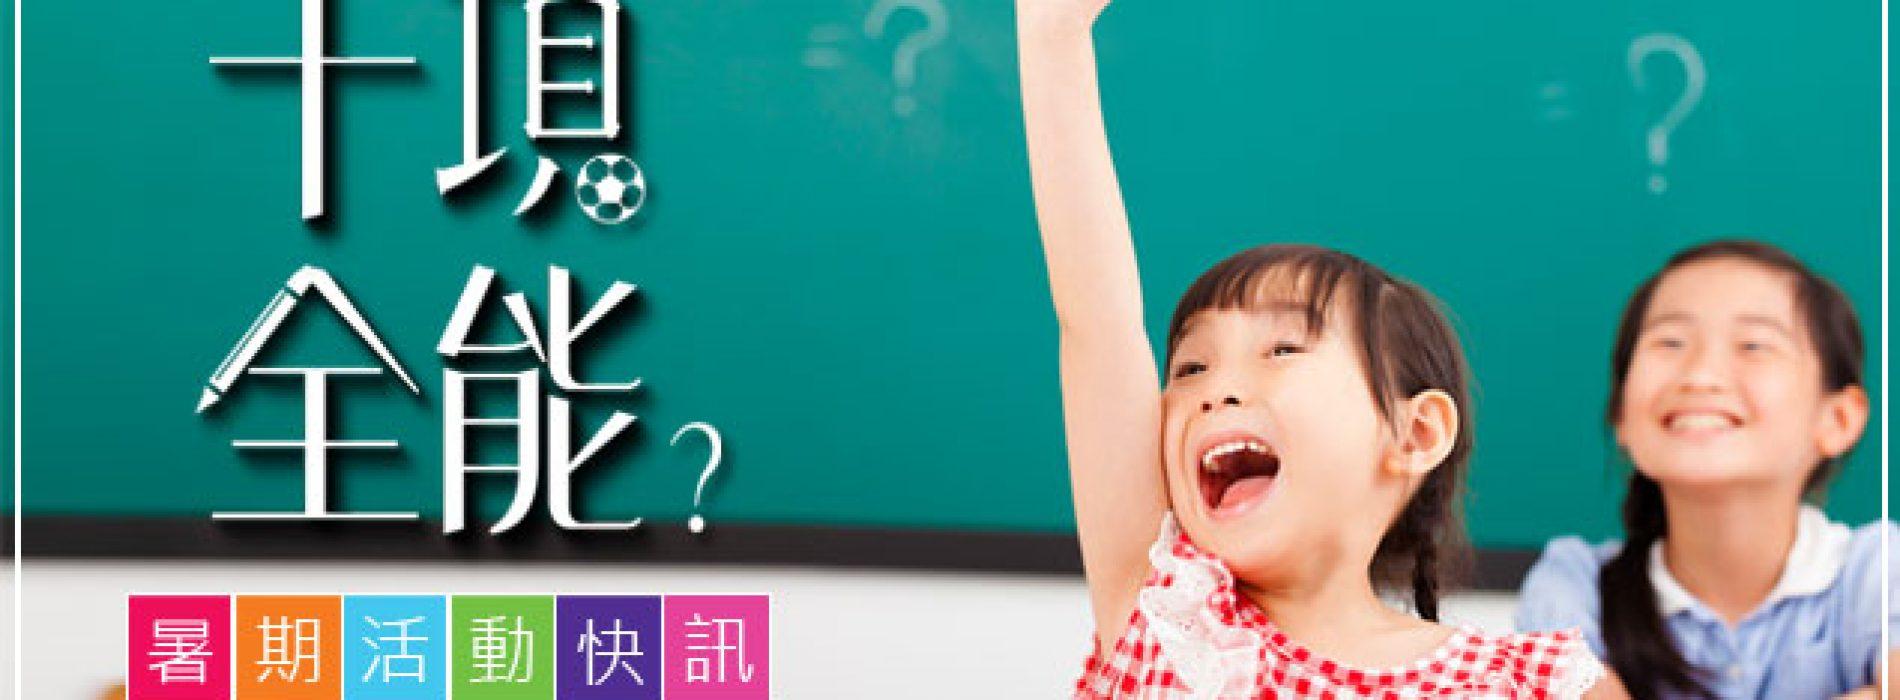 為孩子安排「十項全能」的暑期活動? 更精彩是……